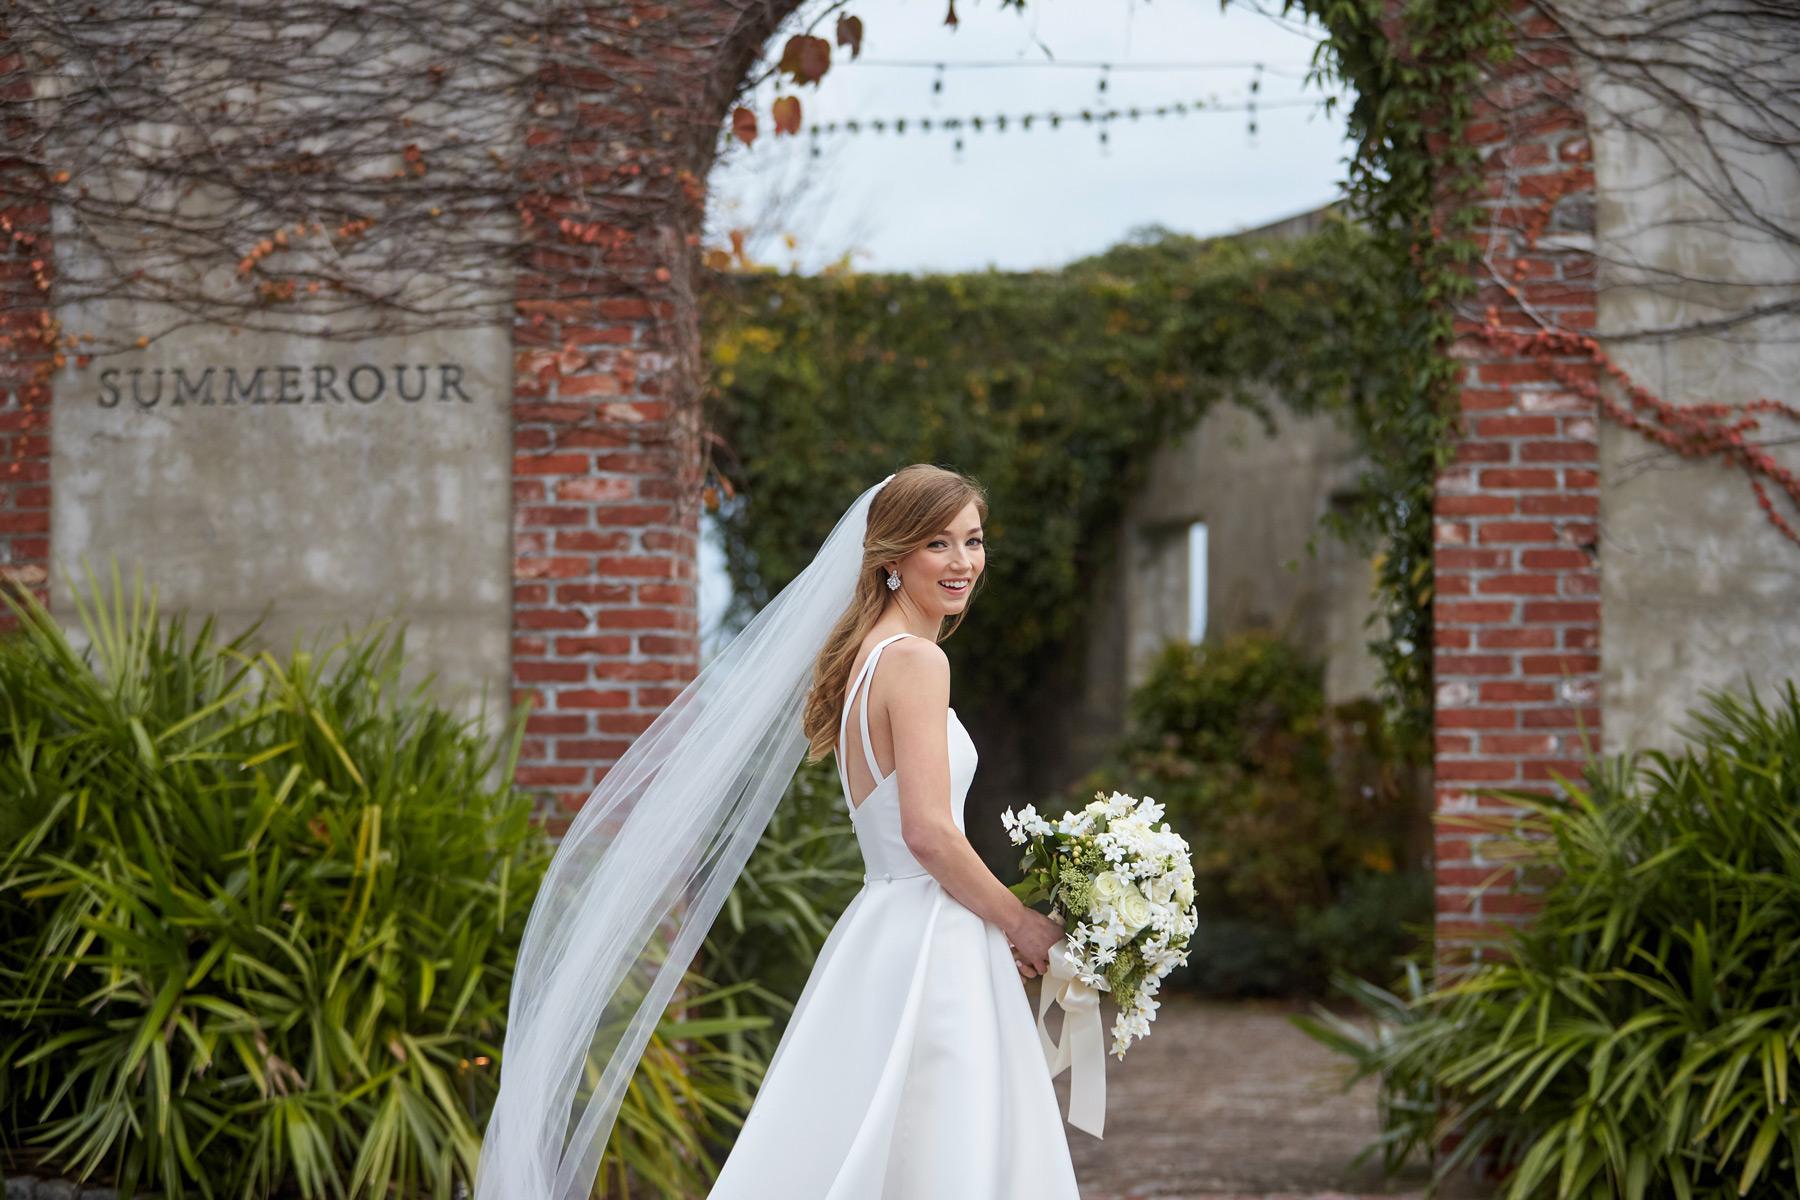 Summerour-Wedding-Atlanta-1118-0044